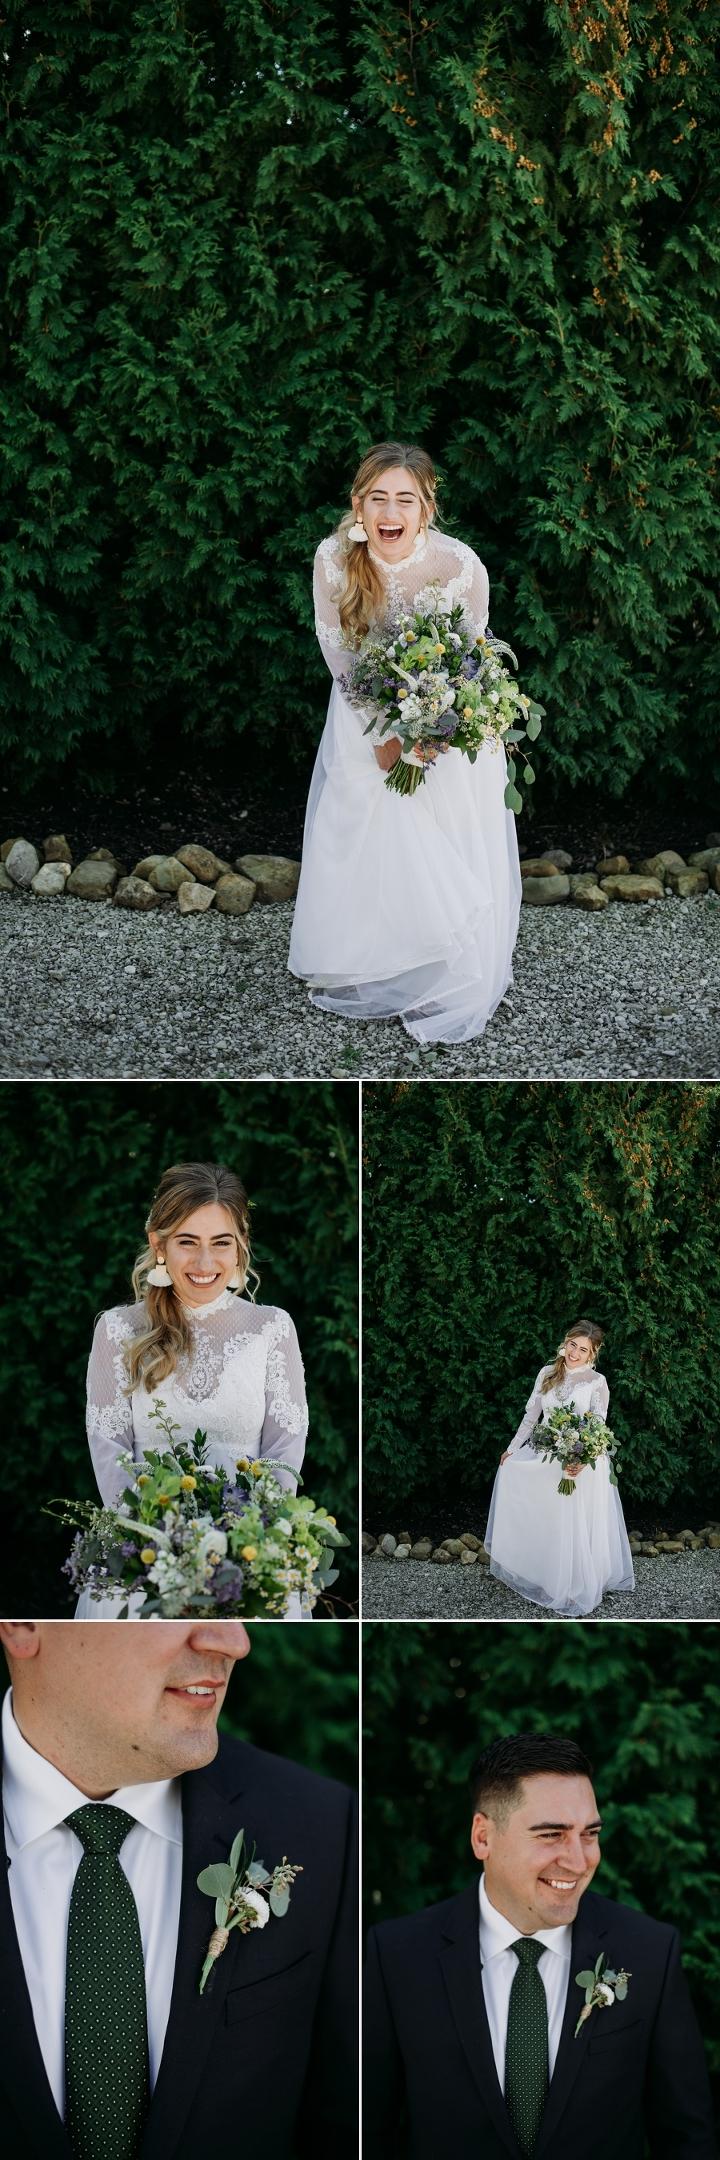 Kelsey + Seth Married 11